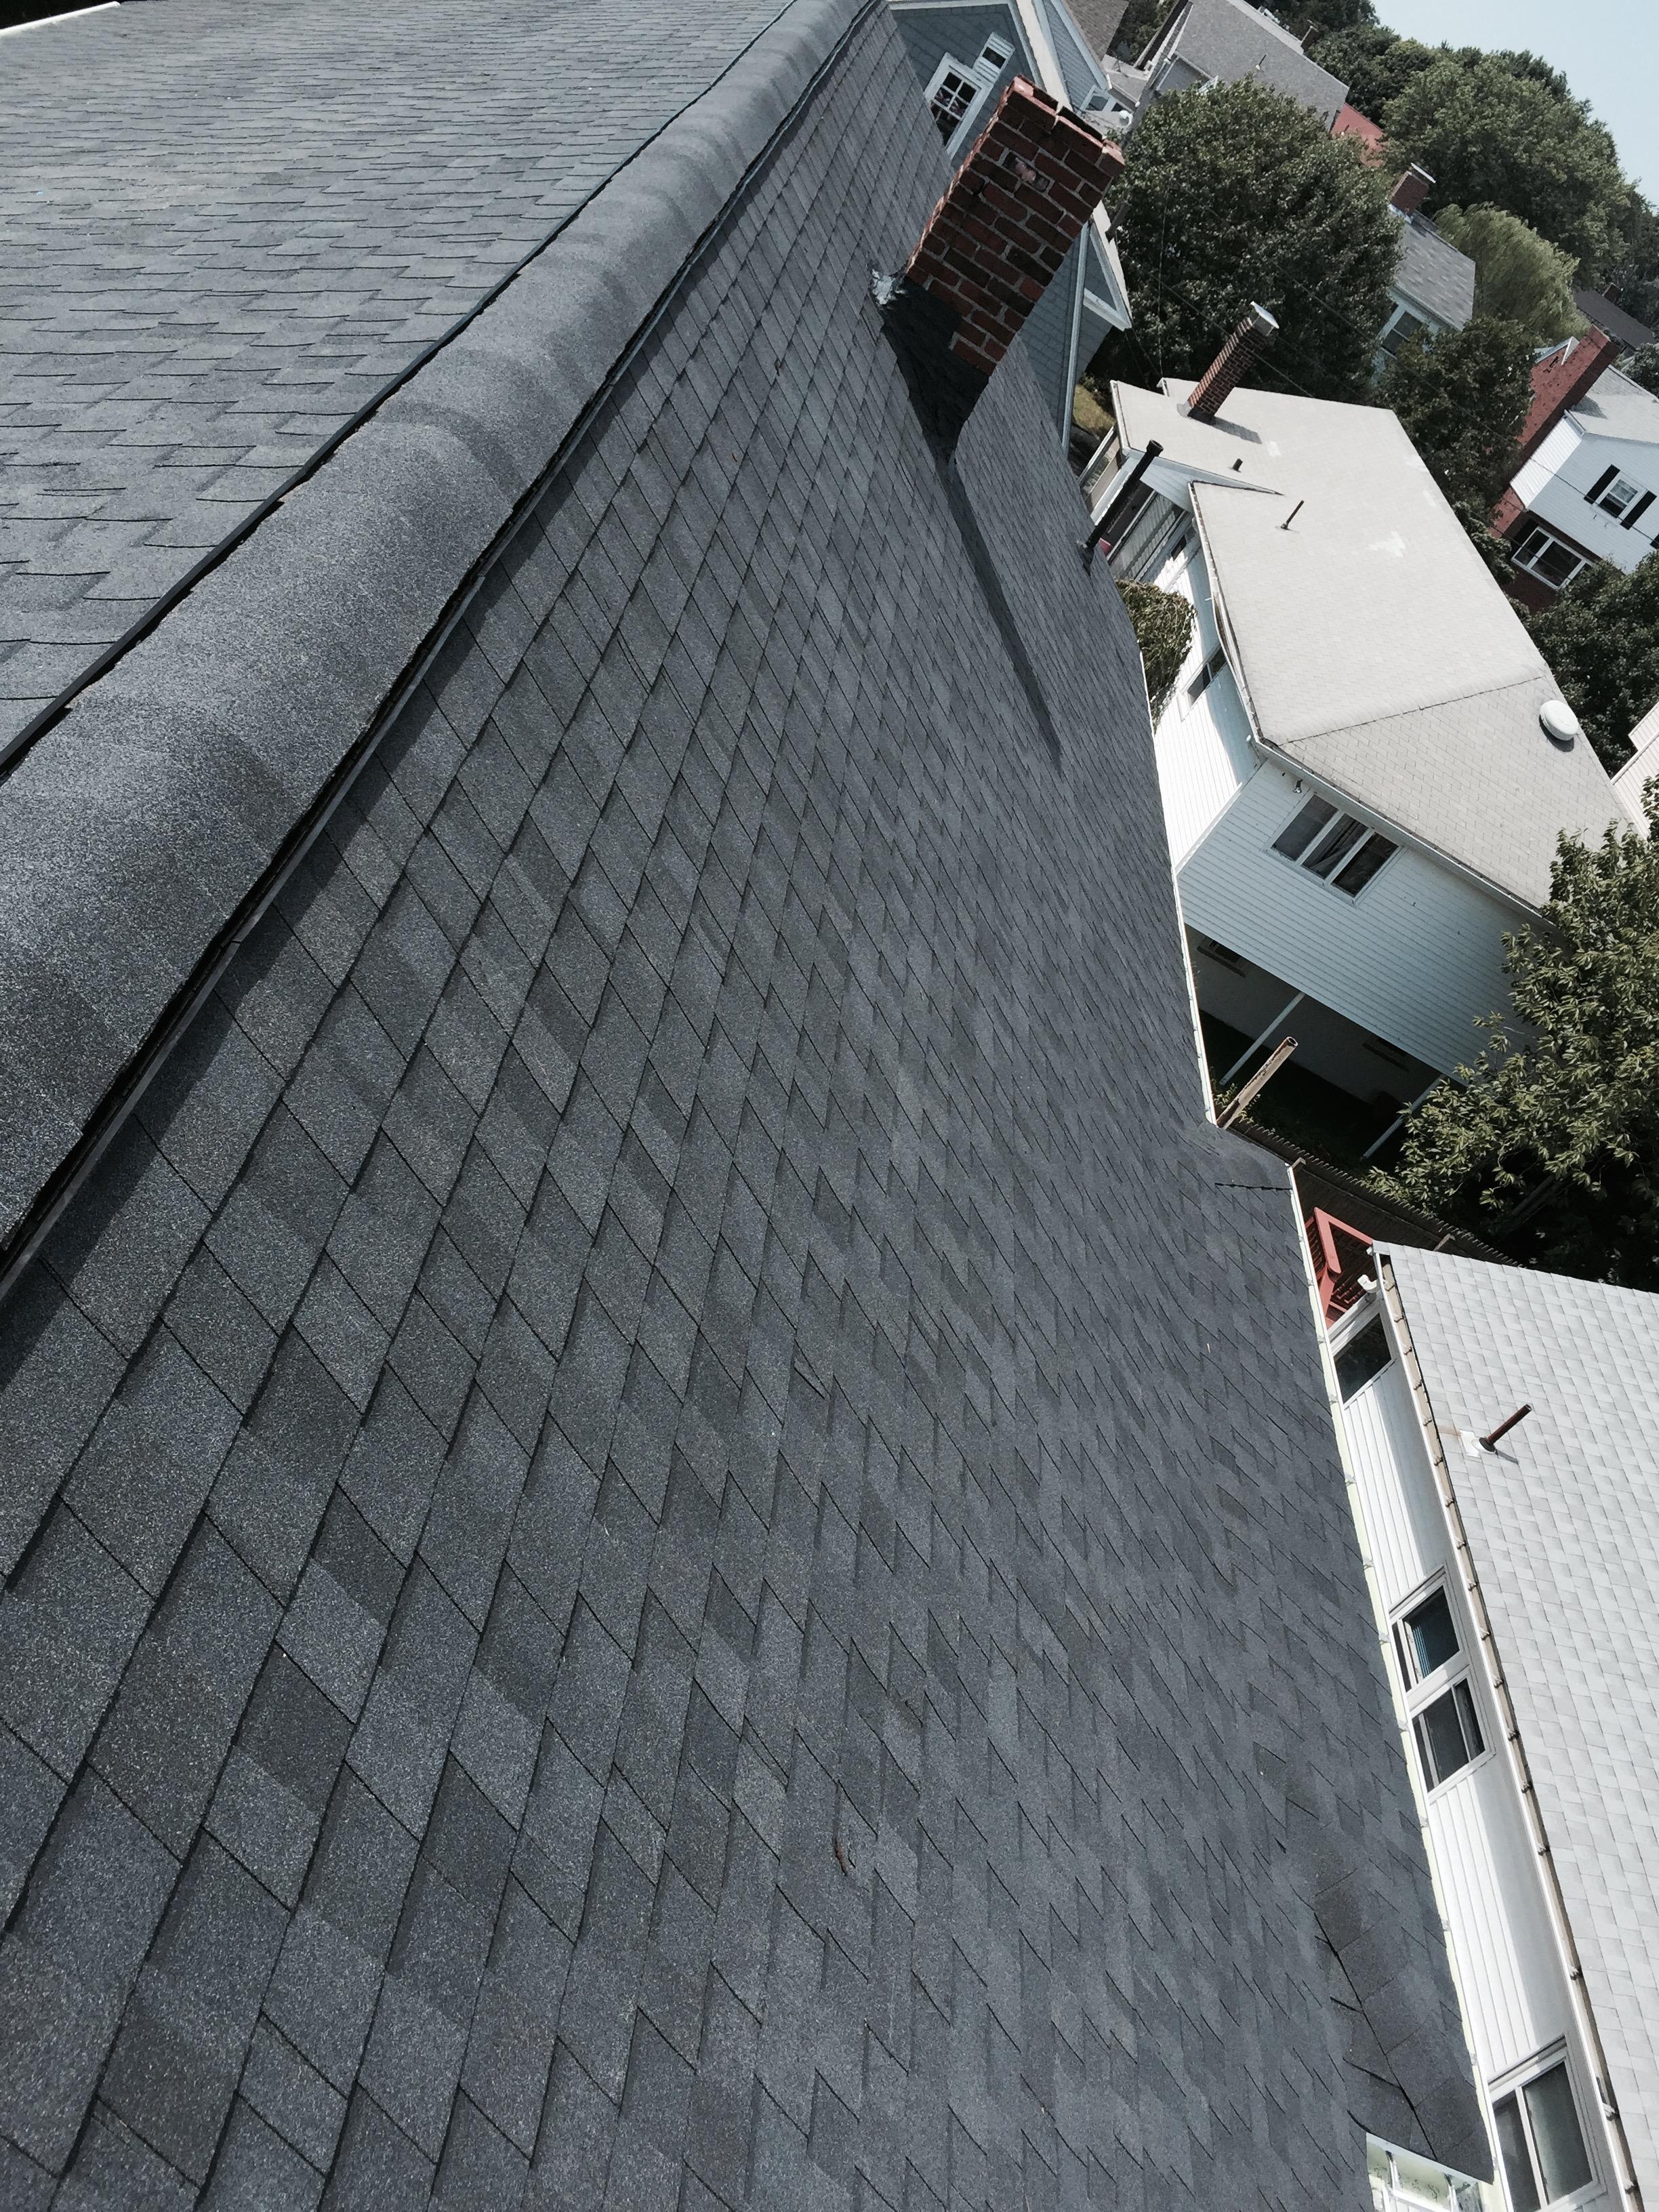 Fullsizerender 4 Burke Roofs